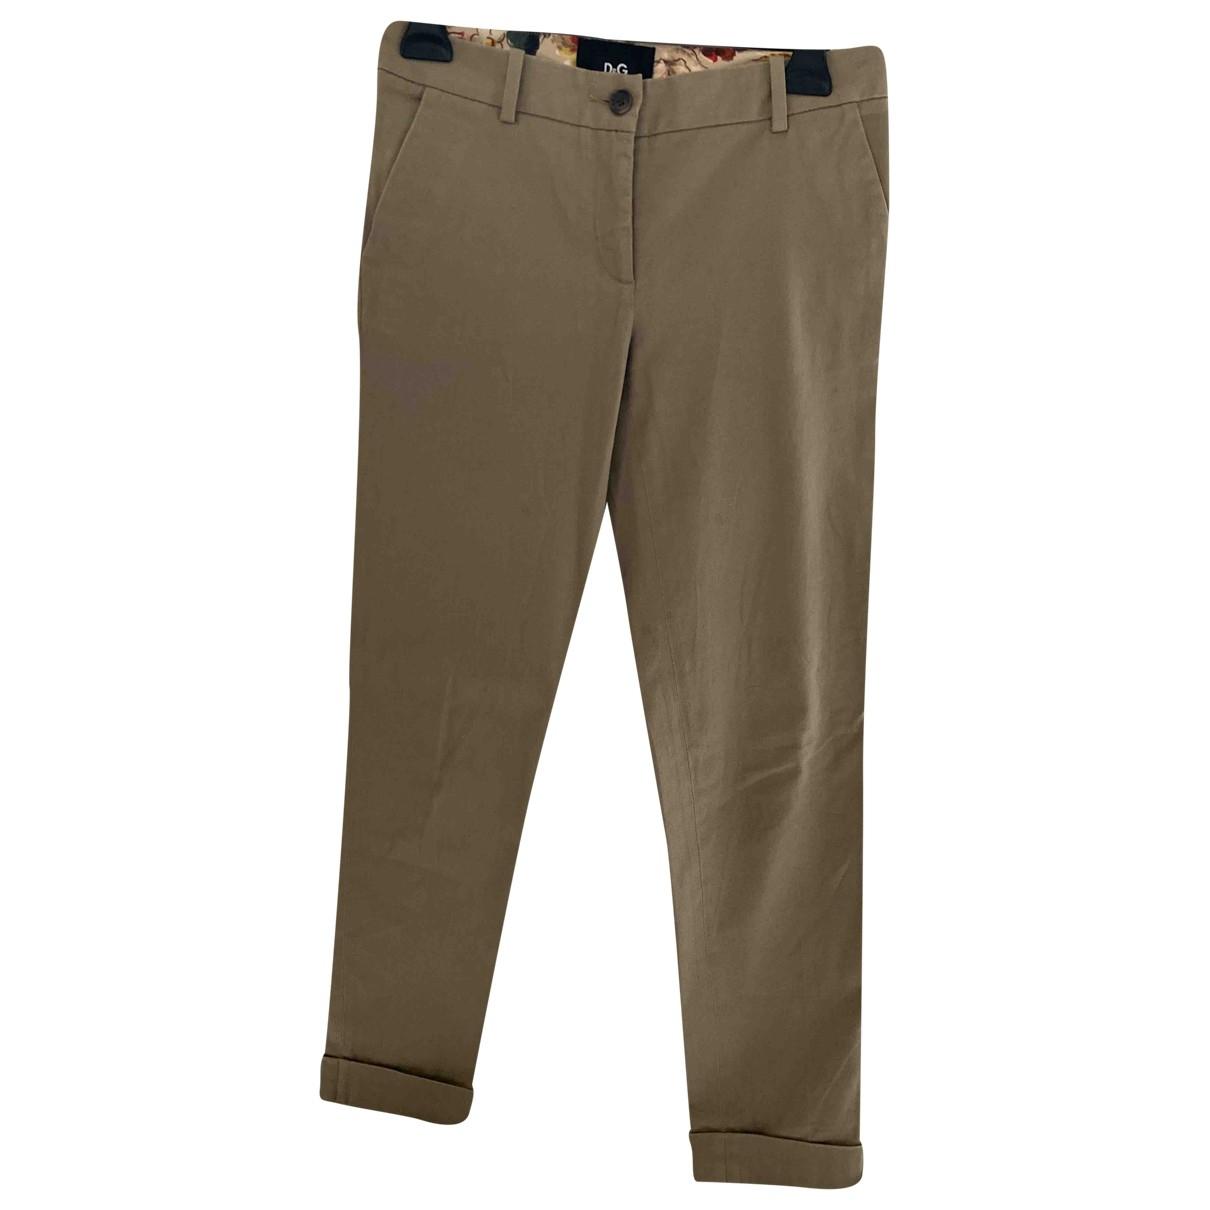 D&g \N Beige Cotton Trousers for Women 38 IT